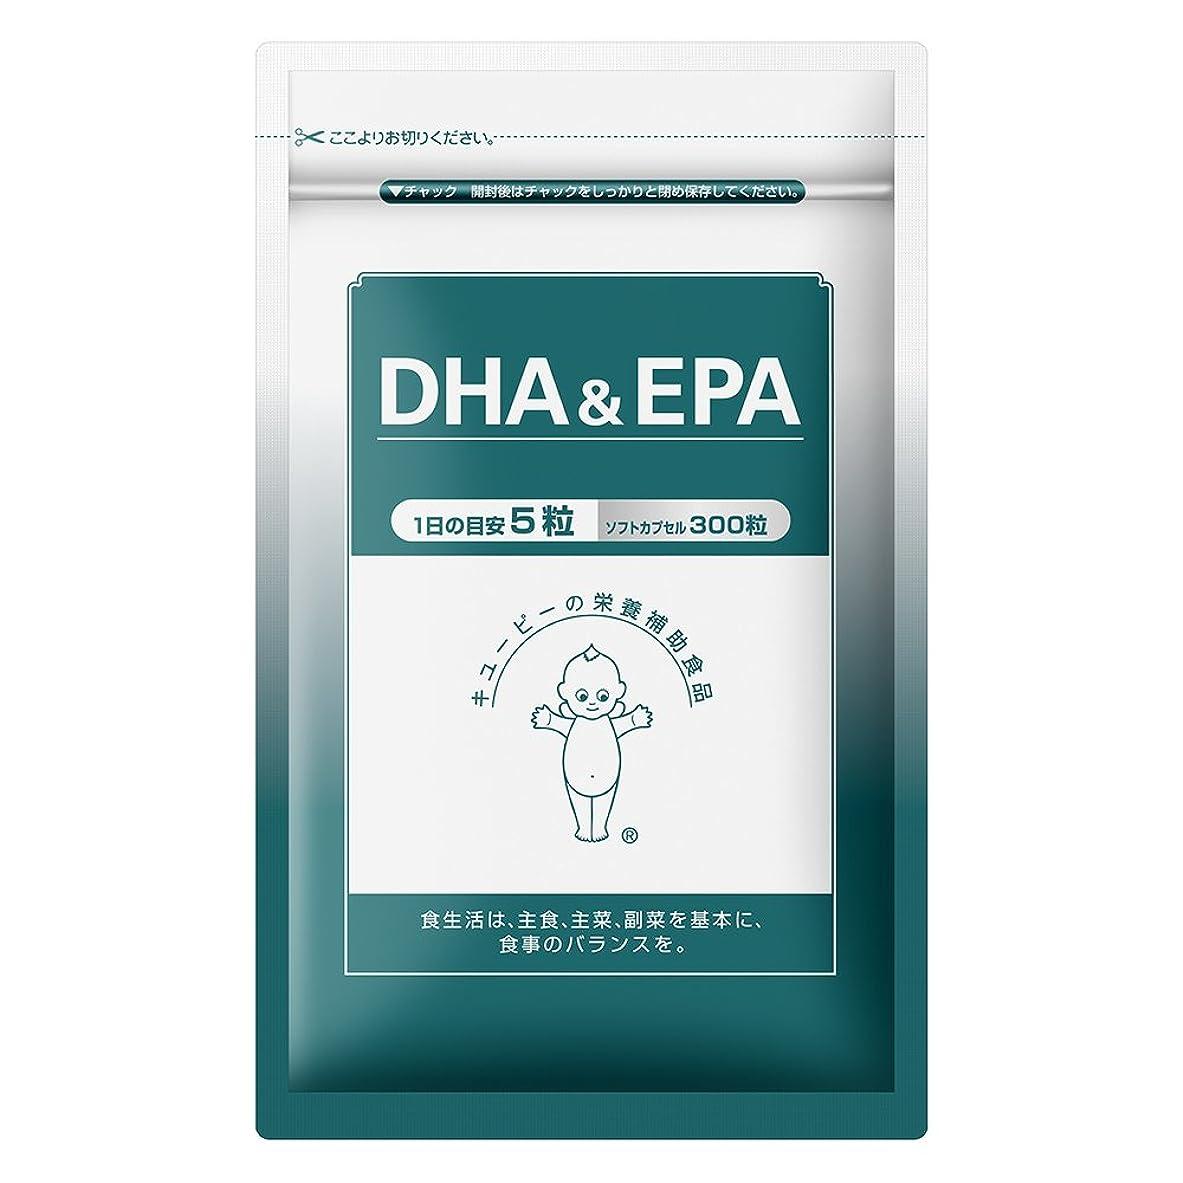 チャート民族主義トランクキユーピー DHA&EPA 60日分